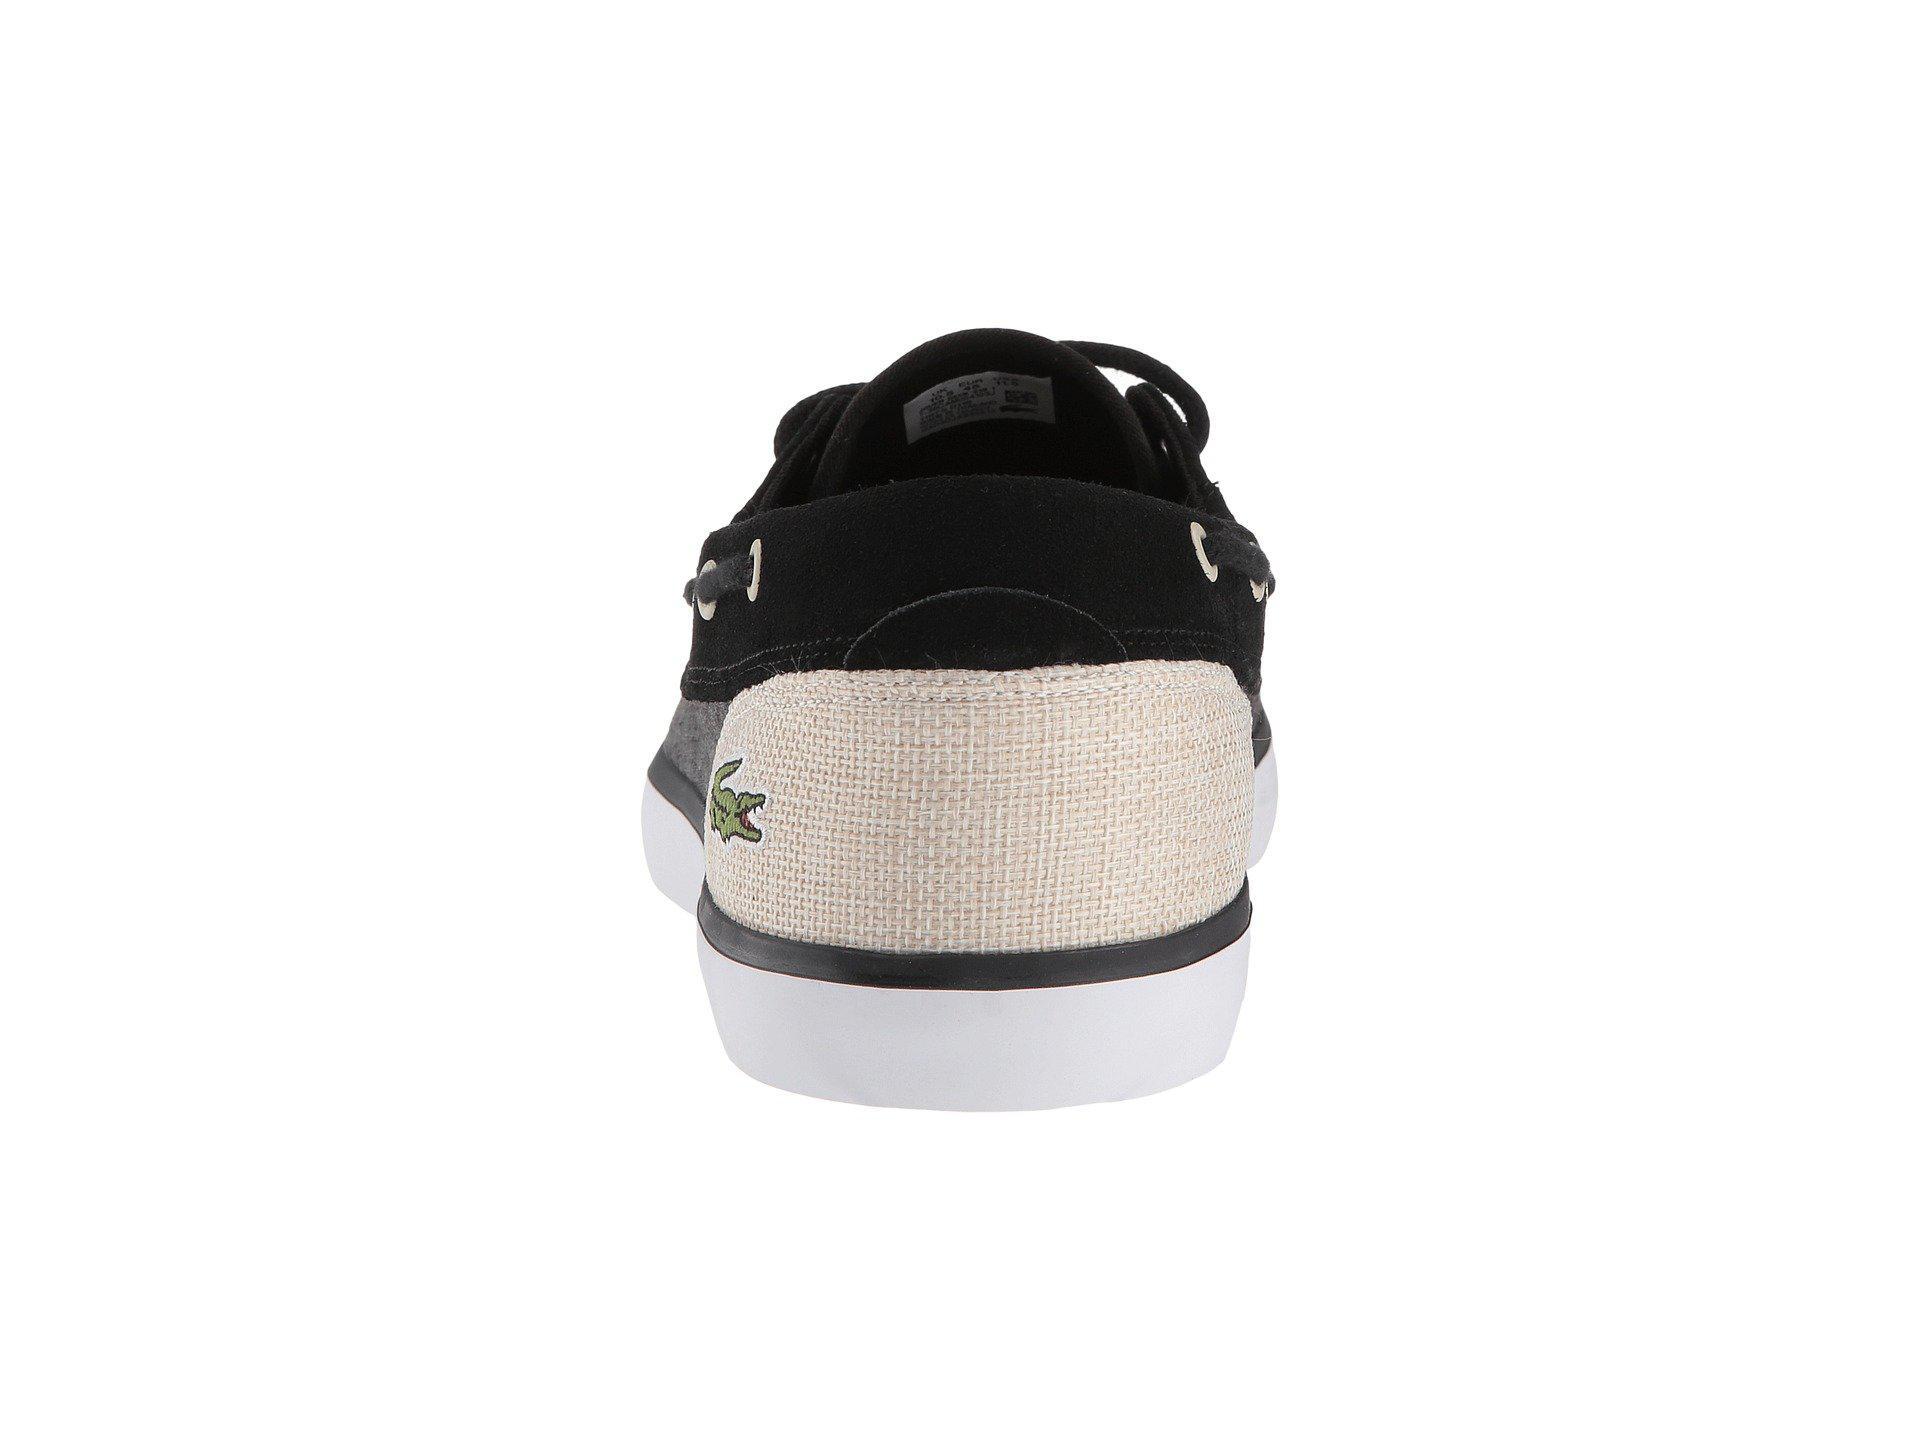 Lacoste Canvas Jouer Deck Sneaker in